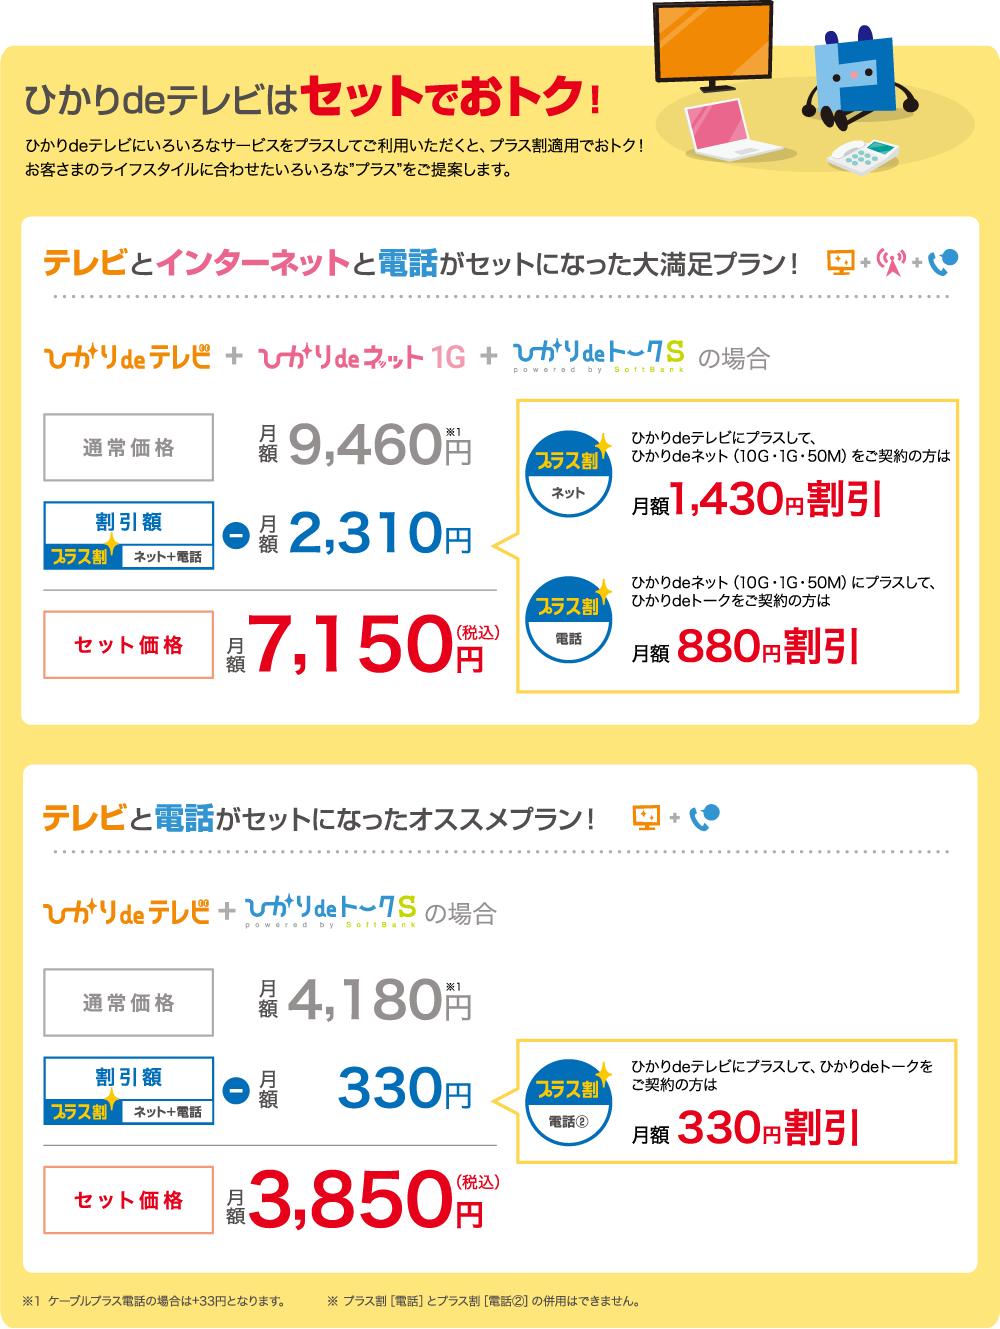 TOKAIケーブルネットワーク